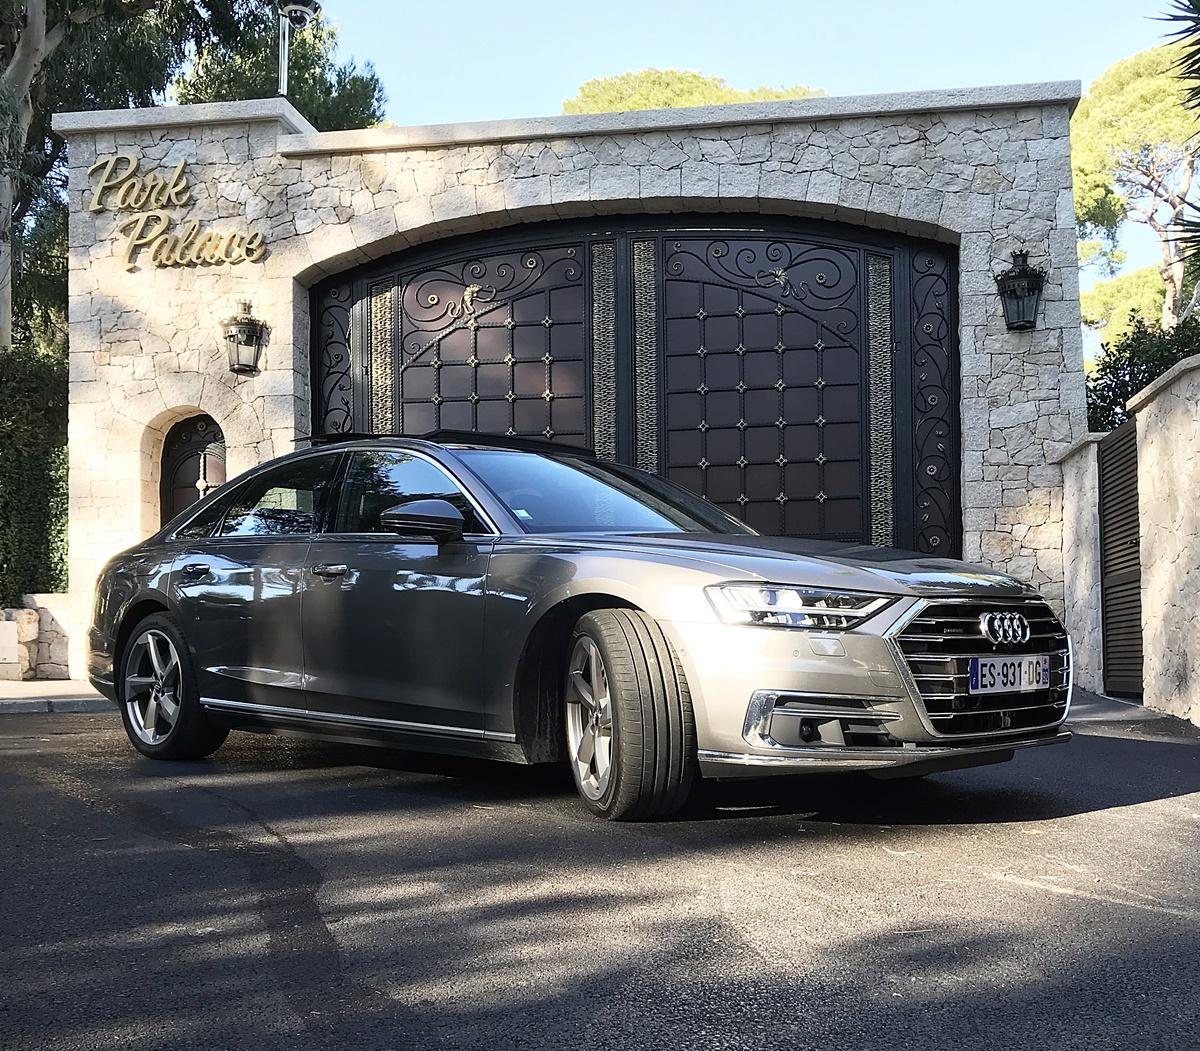 Audi A8 Park palace